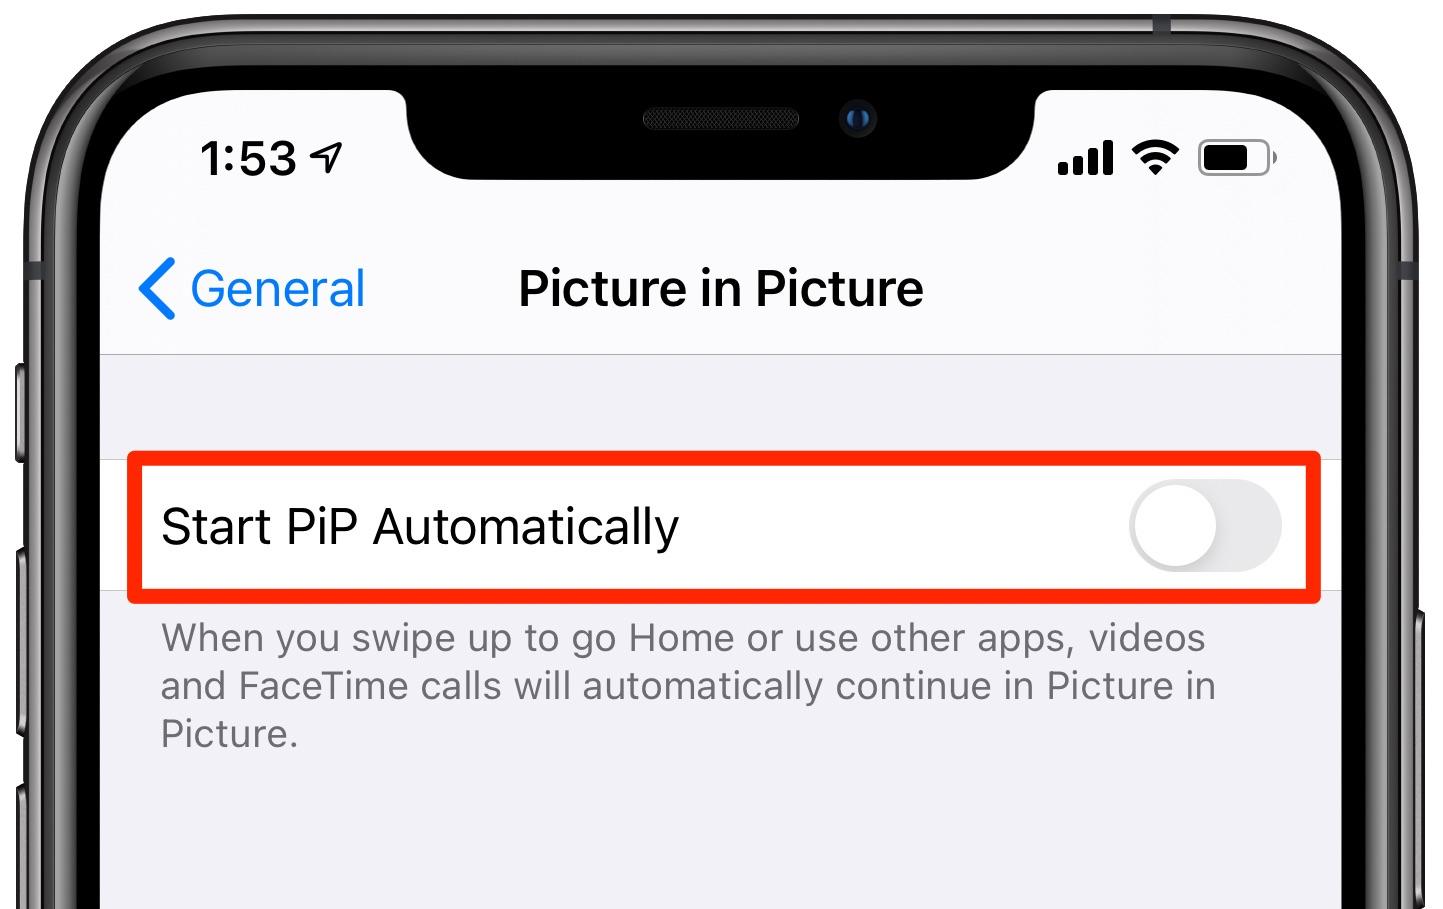 Obrázok na obrázku na iPhone - Nastavenie automatického spustenia piP je vypnuté